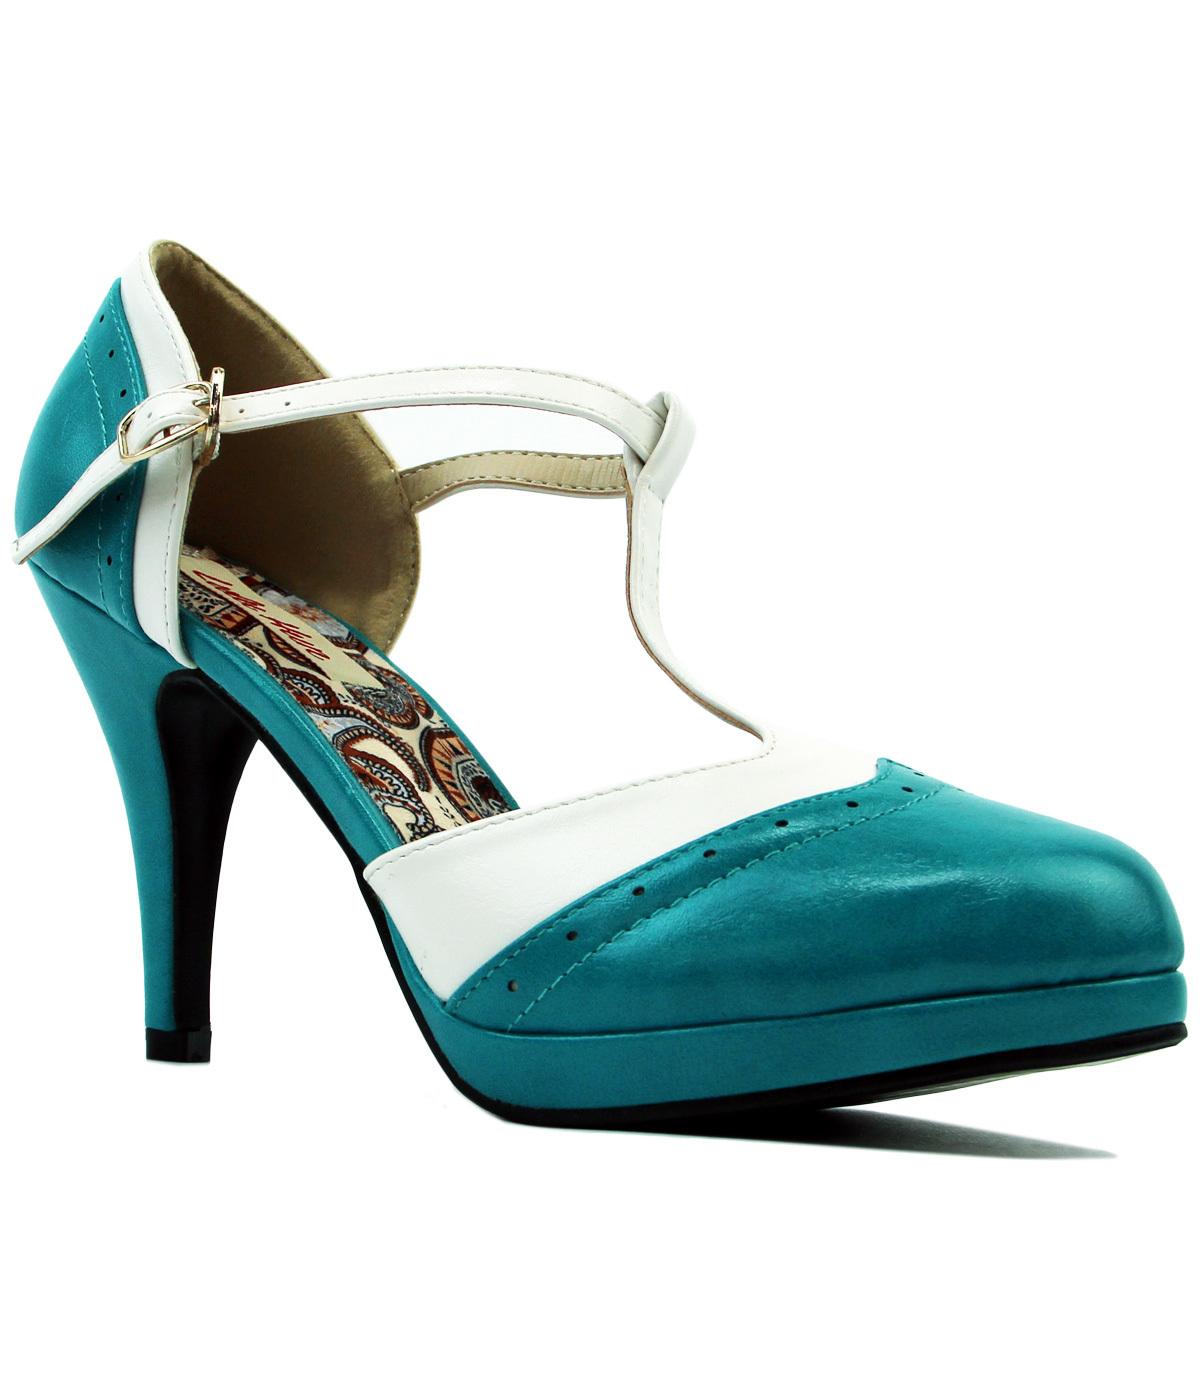 fd26134862ab LULU HUN Anne Retro 1960s Mod Strap High Heels in Mint